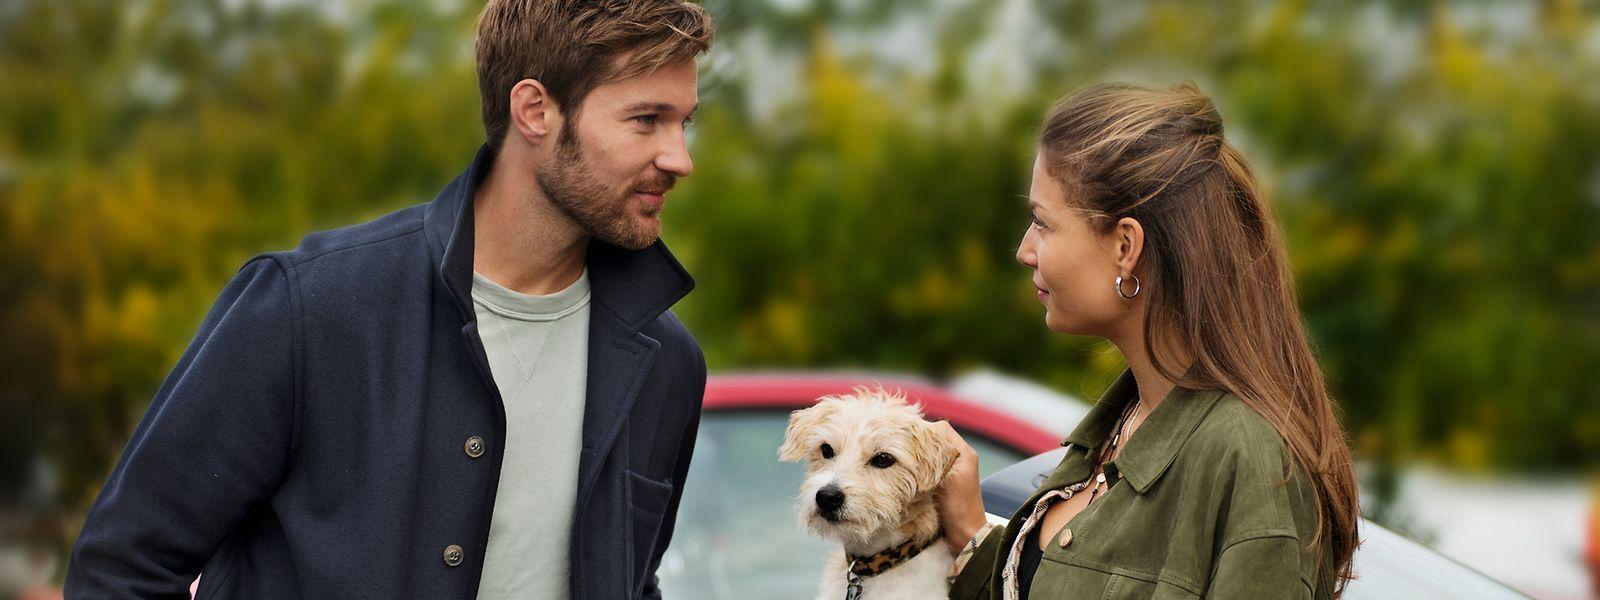 Lennart (Tommy Schlesser) trifft in seiner schwedischen Heimat auf Maren (Lena Meckel), die den charmanten Museumsdirektor bereits während ihrer gemeinsamen Schulzeit anhimmelte. Auch an seinem Hund, Terrier Chili, findet sie schnell Gefallen.